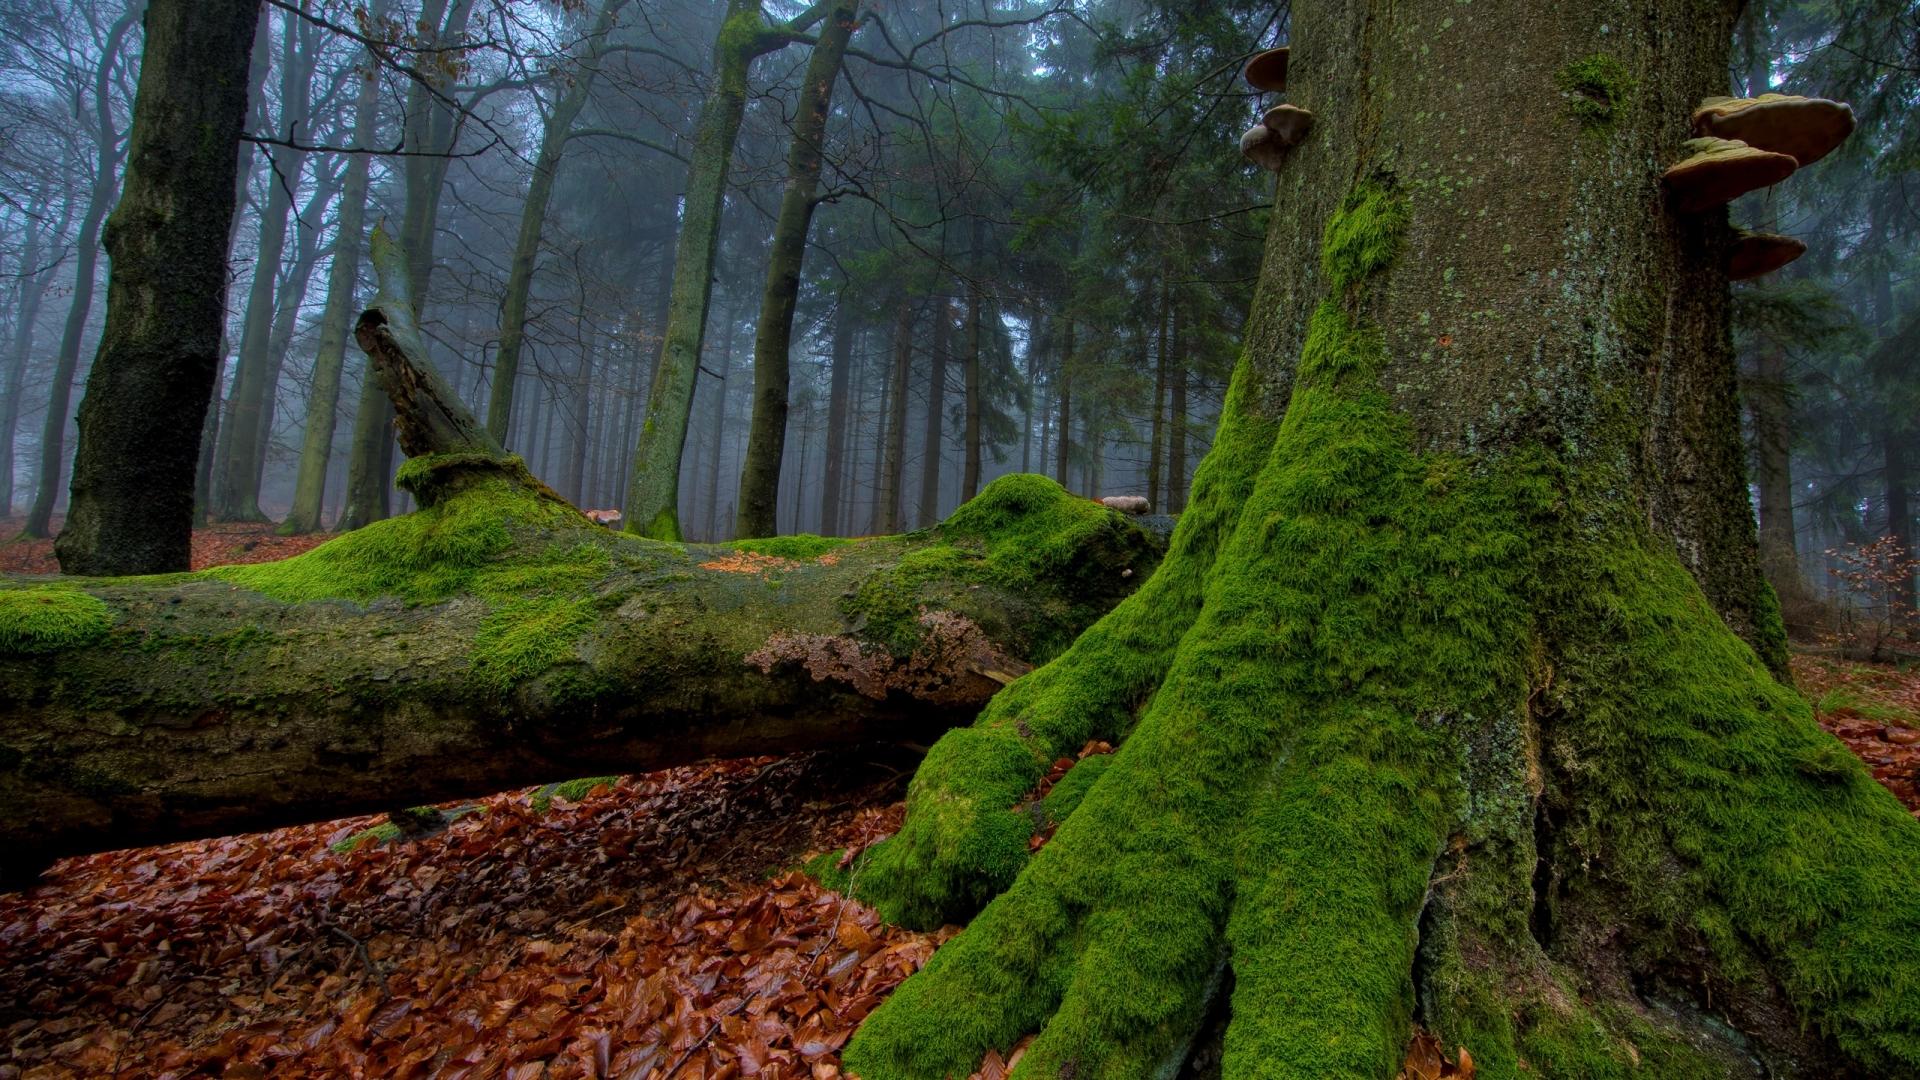 24574 скачать обои Растения, Пейзаж, Деревья, Осень, Листья - заставки и картинки бесплатно